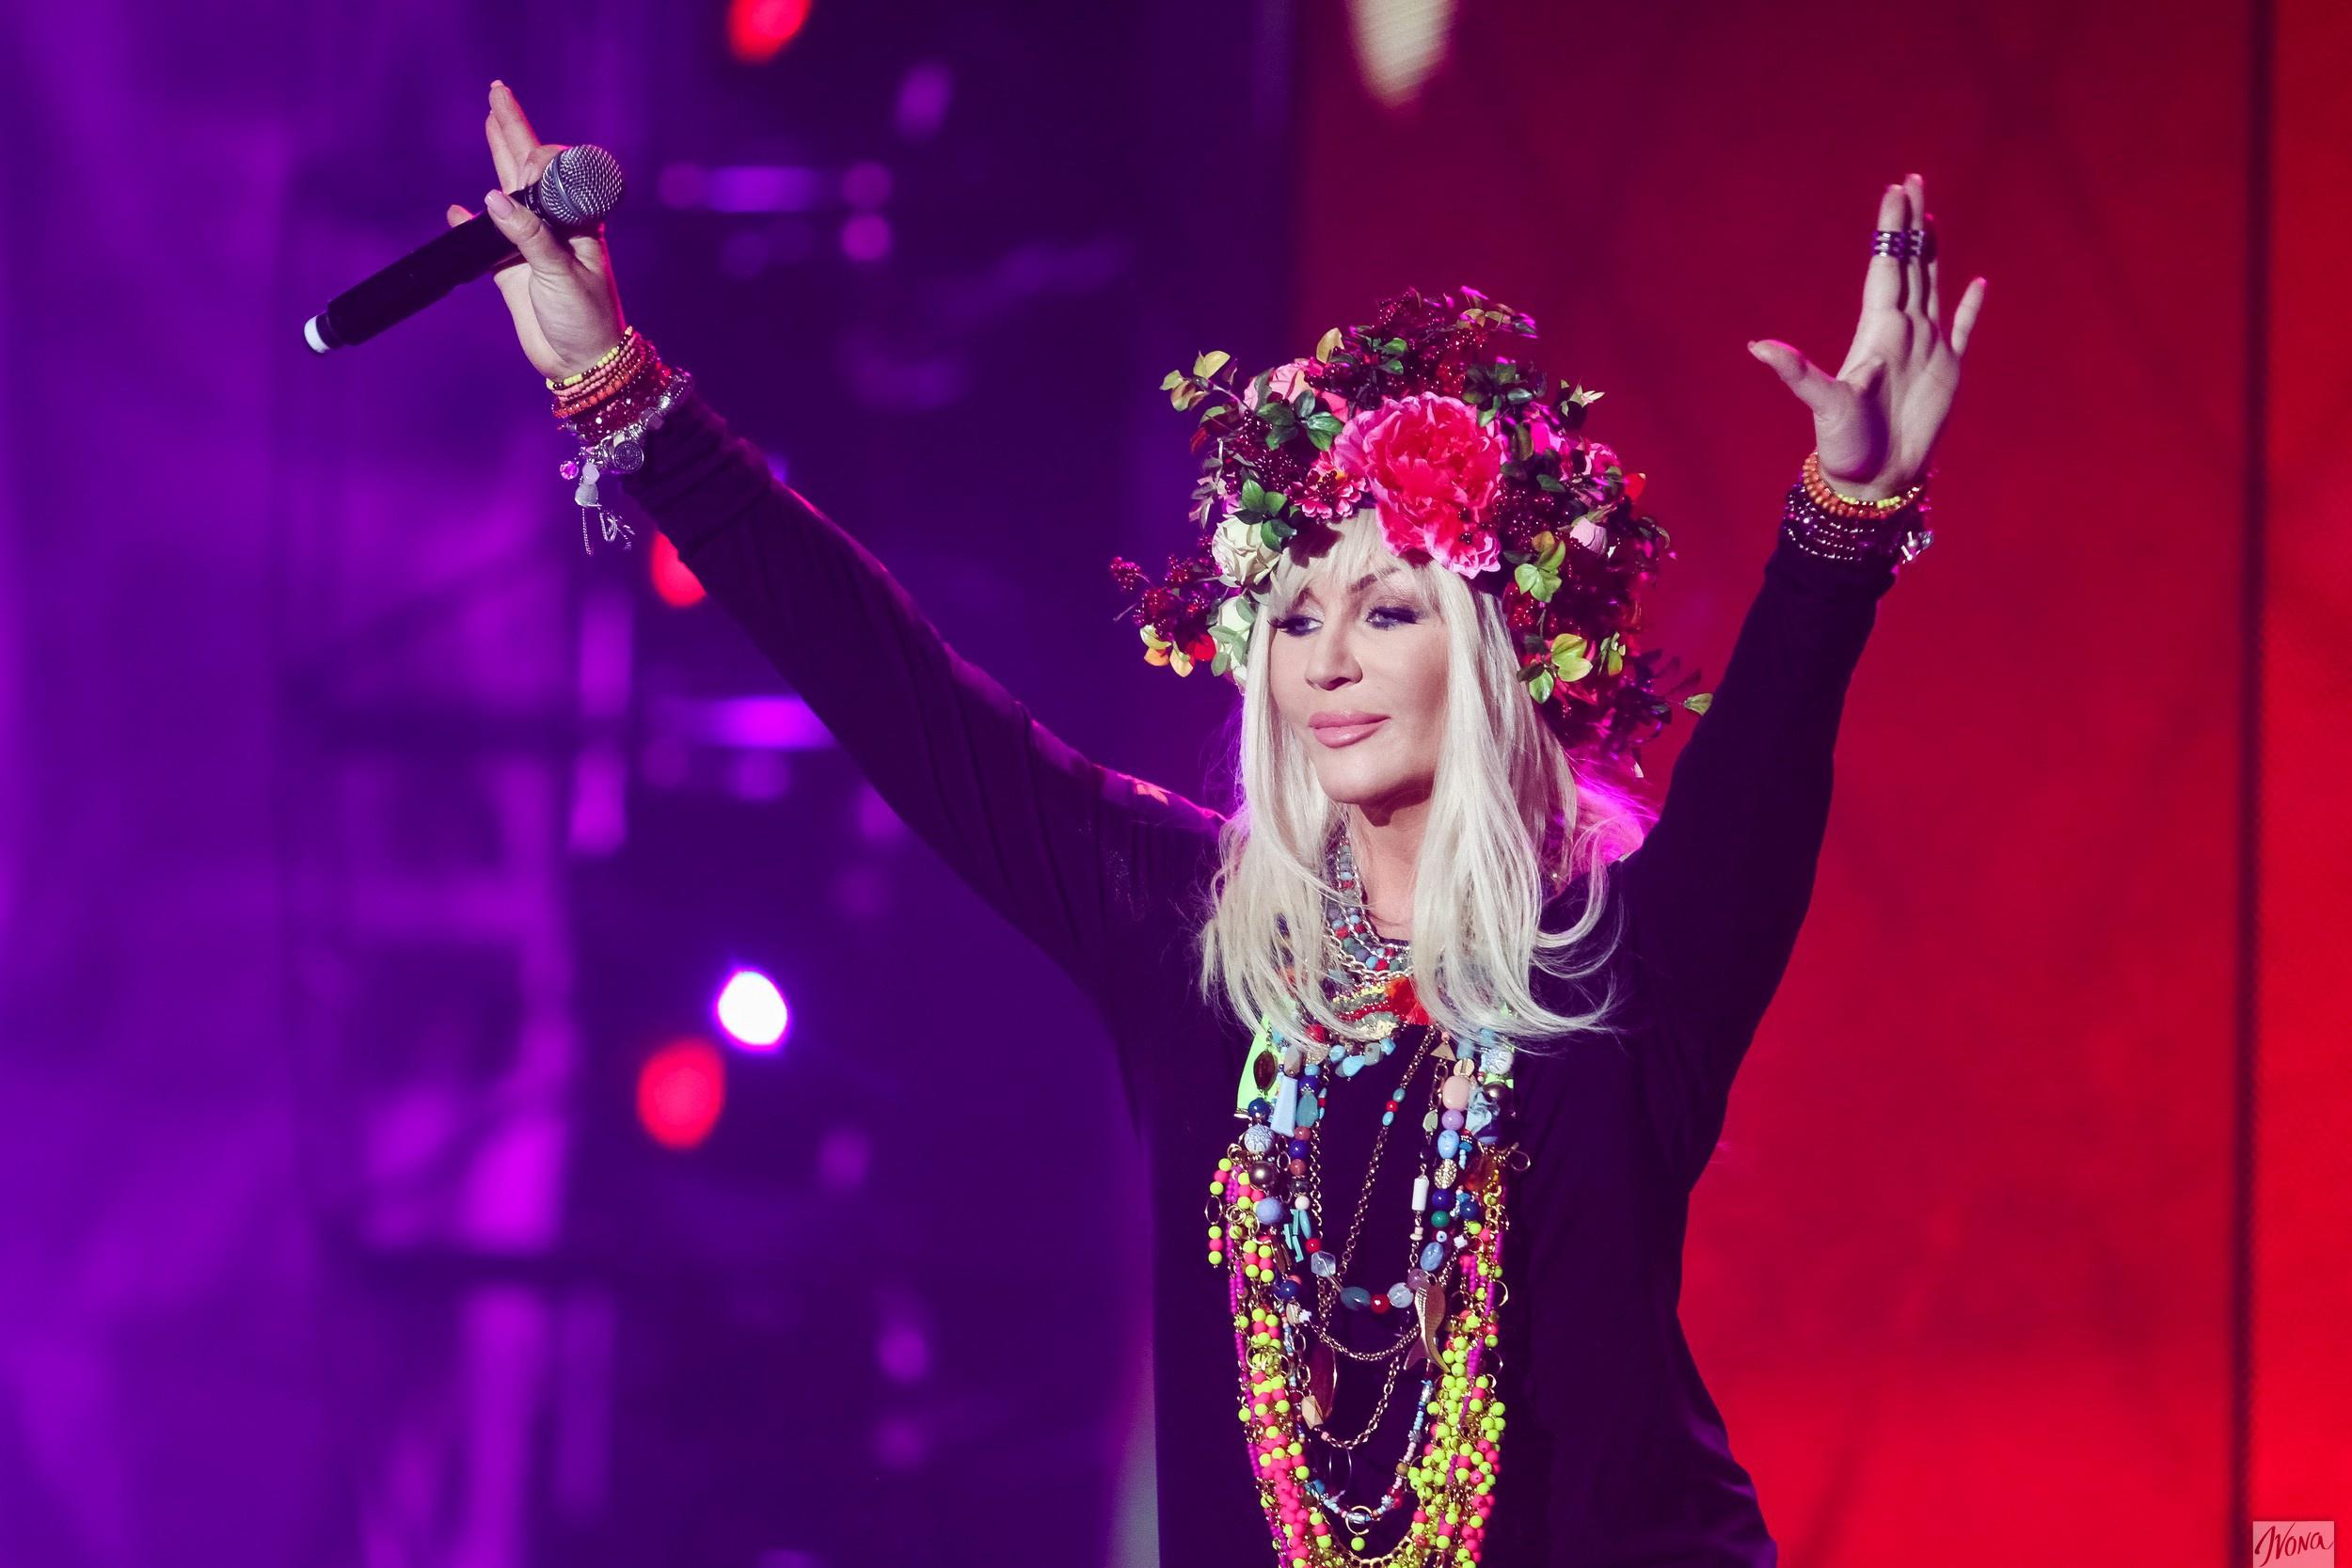 Украинская певица Ирина Билык поздравила Динамо с чемпионством